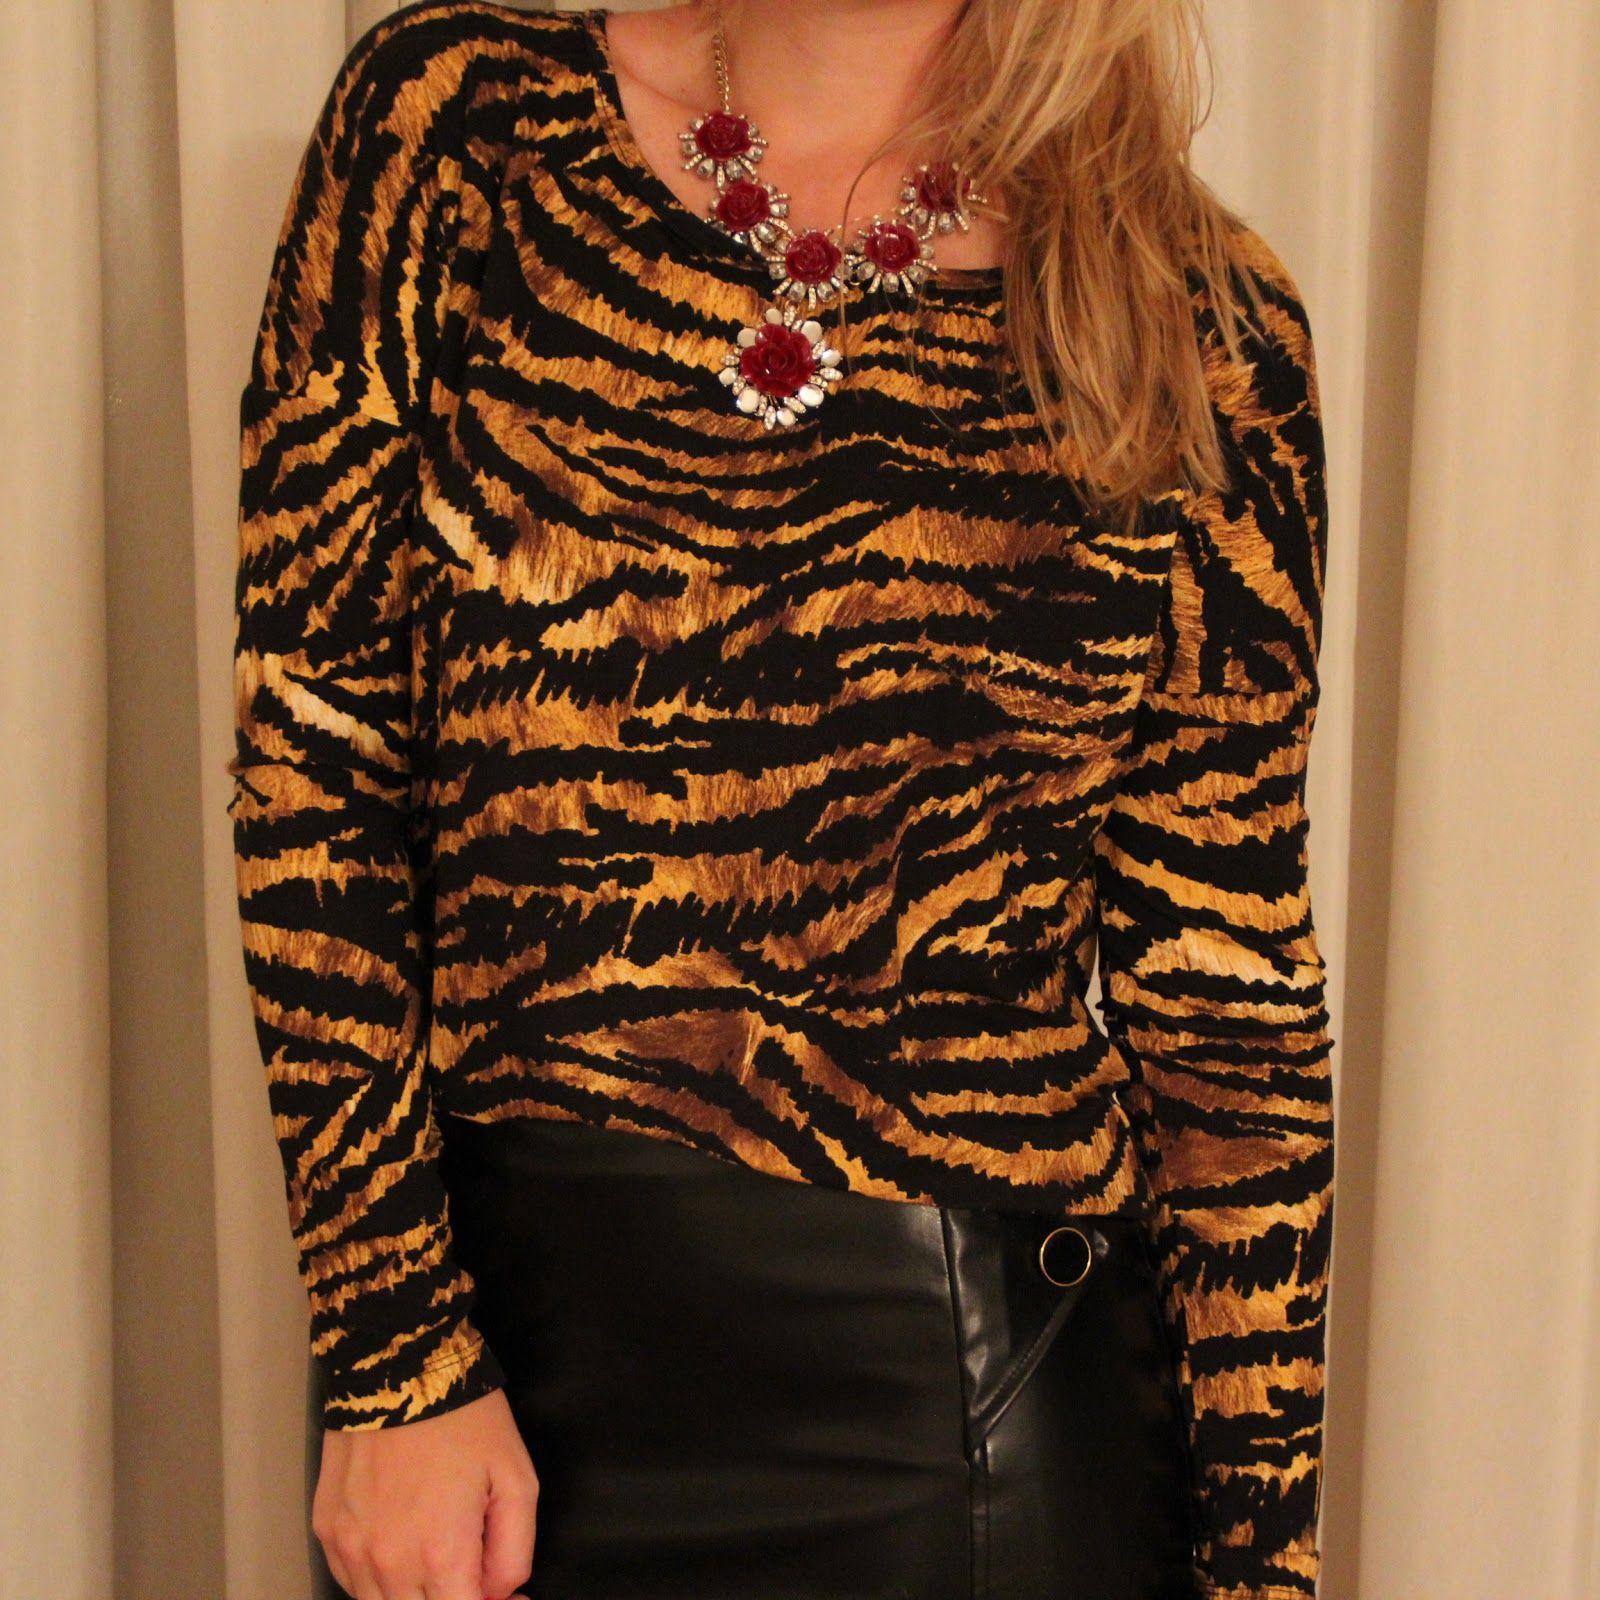 Detalhe da blusa basic tigre ♥